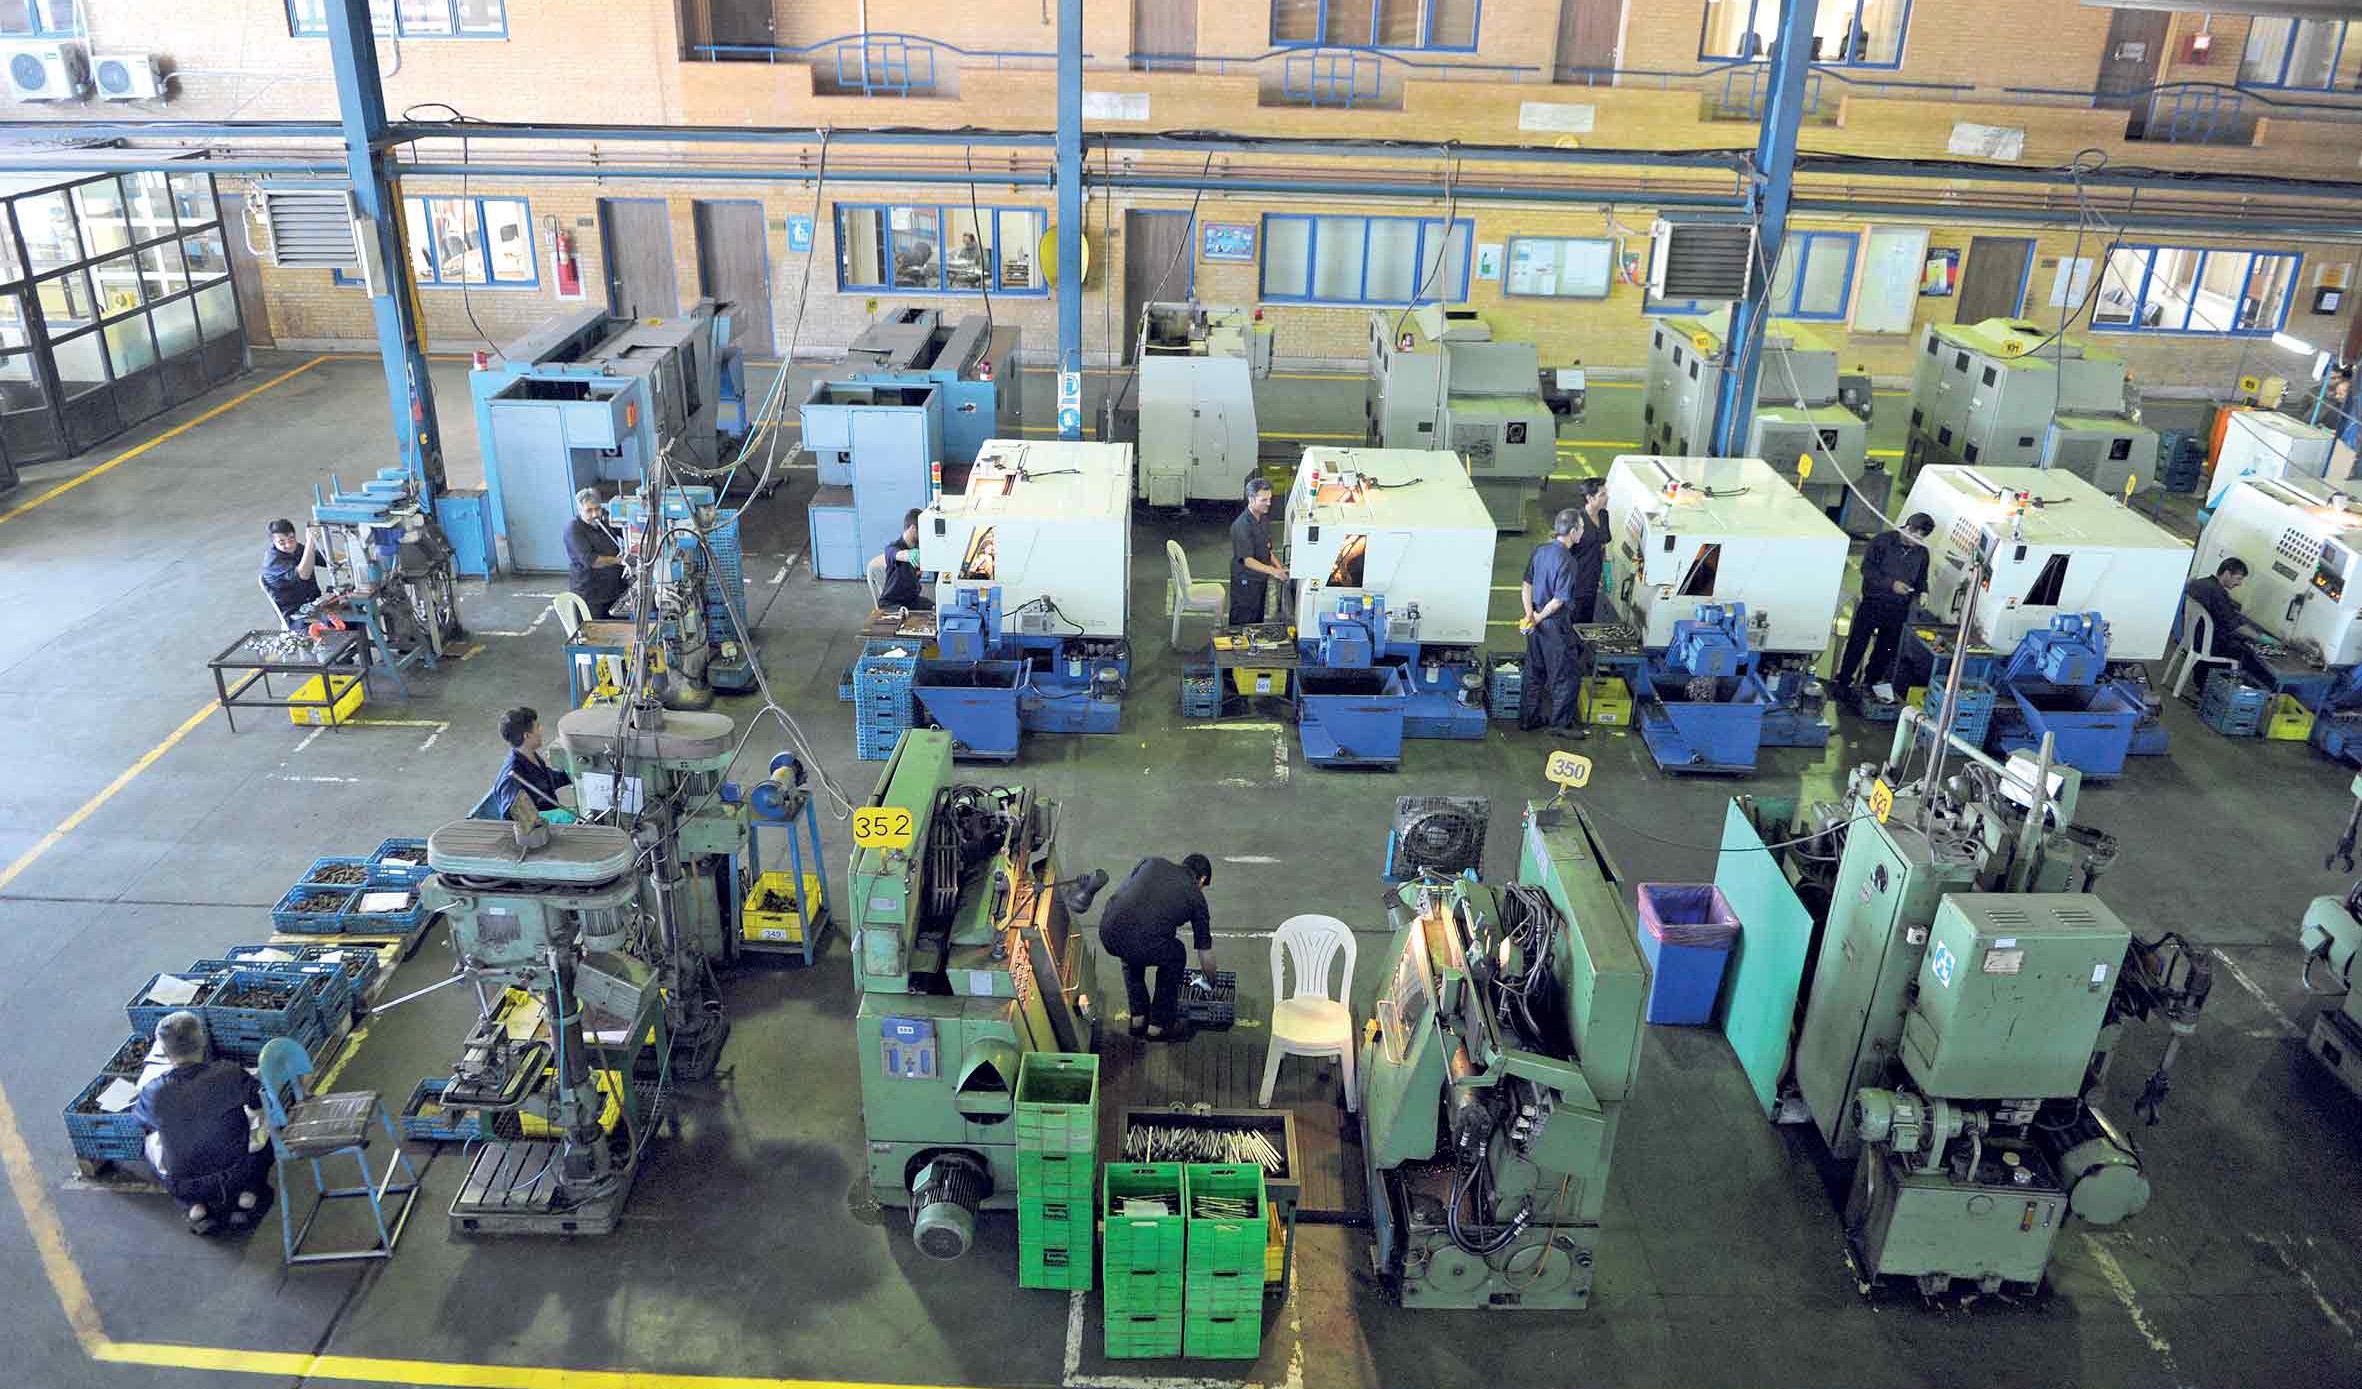 راه اندازی مجدد ۷۶۷ واحد صنعتی از ابتدای سال